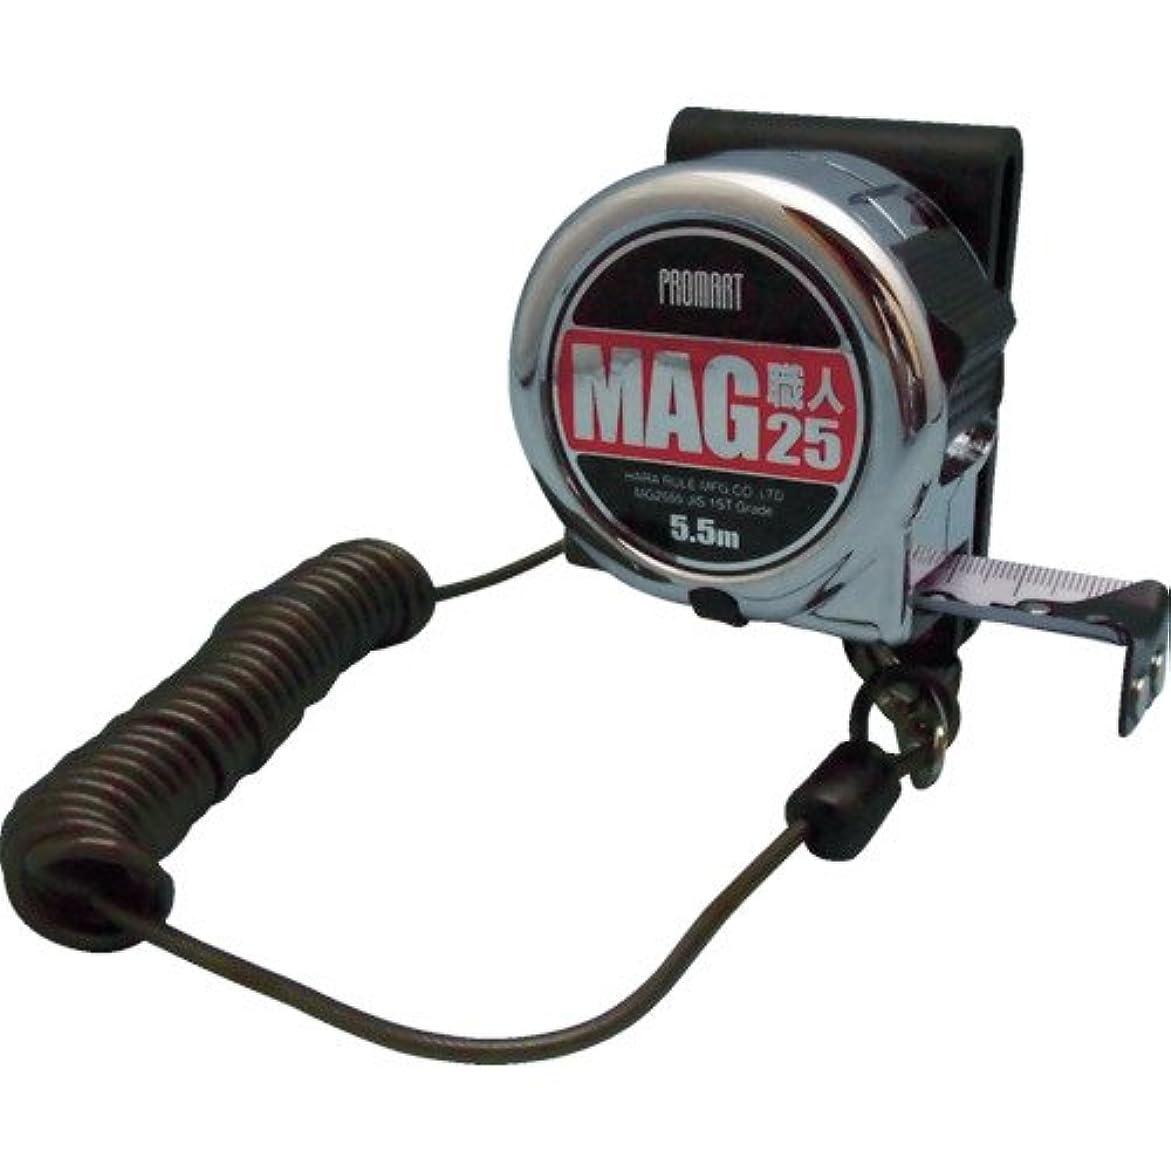 リーンチャット不平を言う原度器 メジャー MAG職人メジャー MAG2555 幅25mm×長さ5.5m